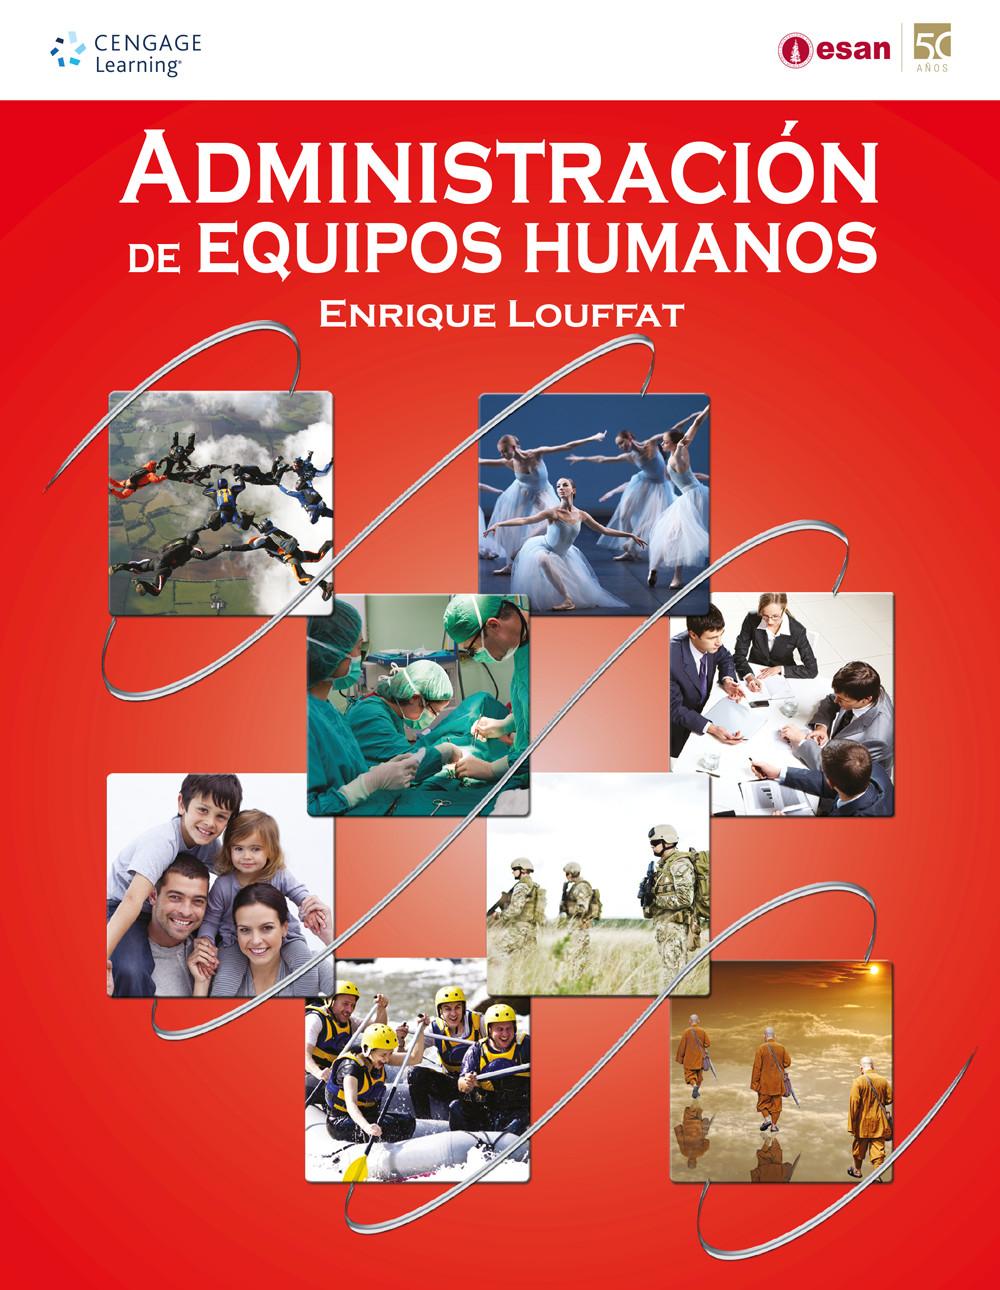 Administración de equipos humanos